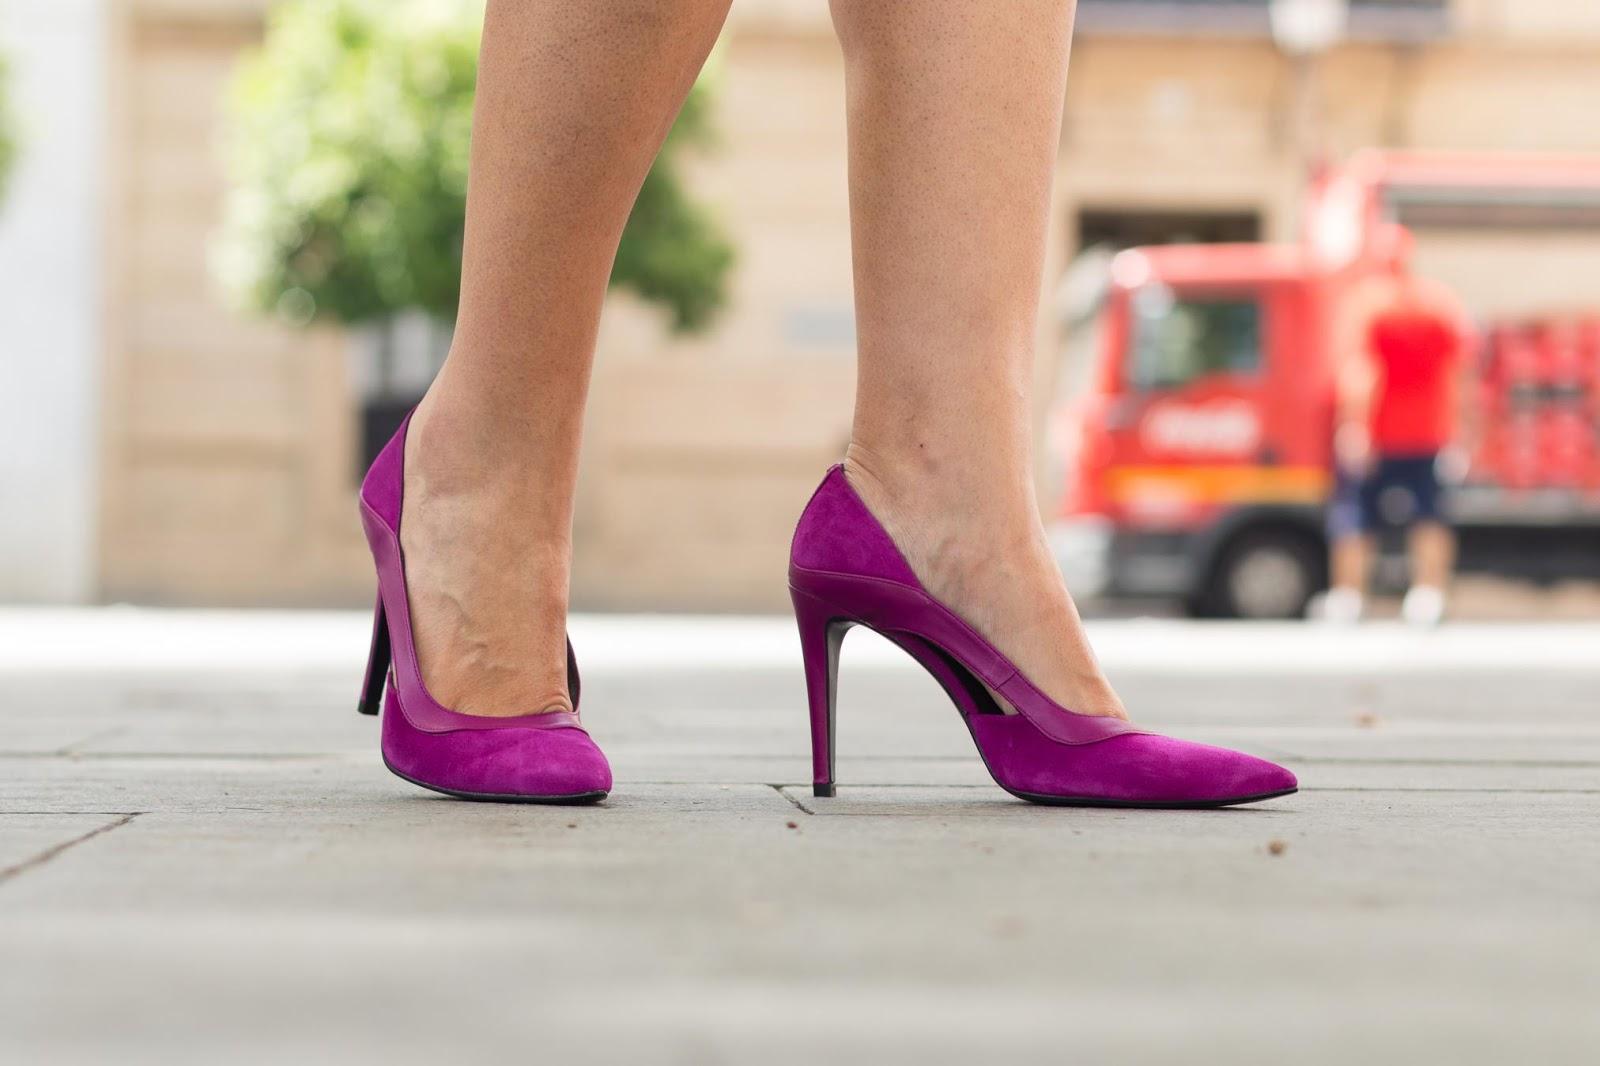 Blog zapatos y mujer 4 propuestas de moda con estilo y glamour para el verano en la ciudad - Zapatos nuria cobo ...